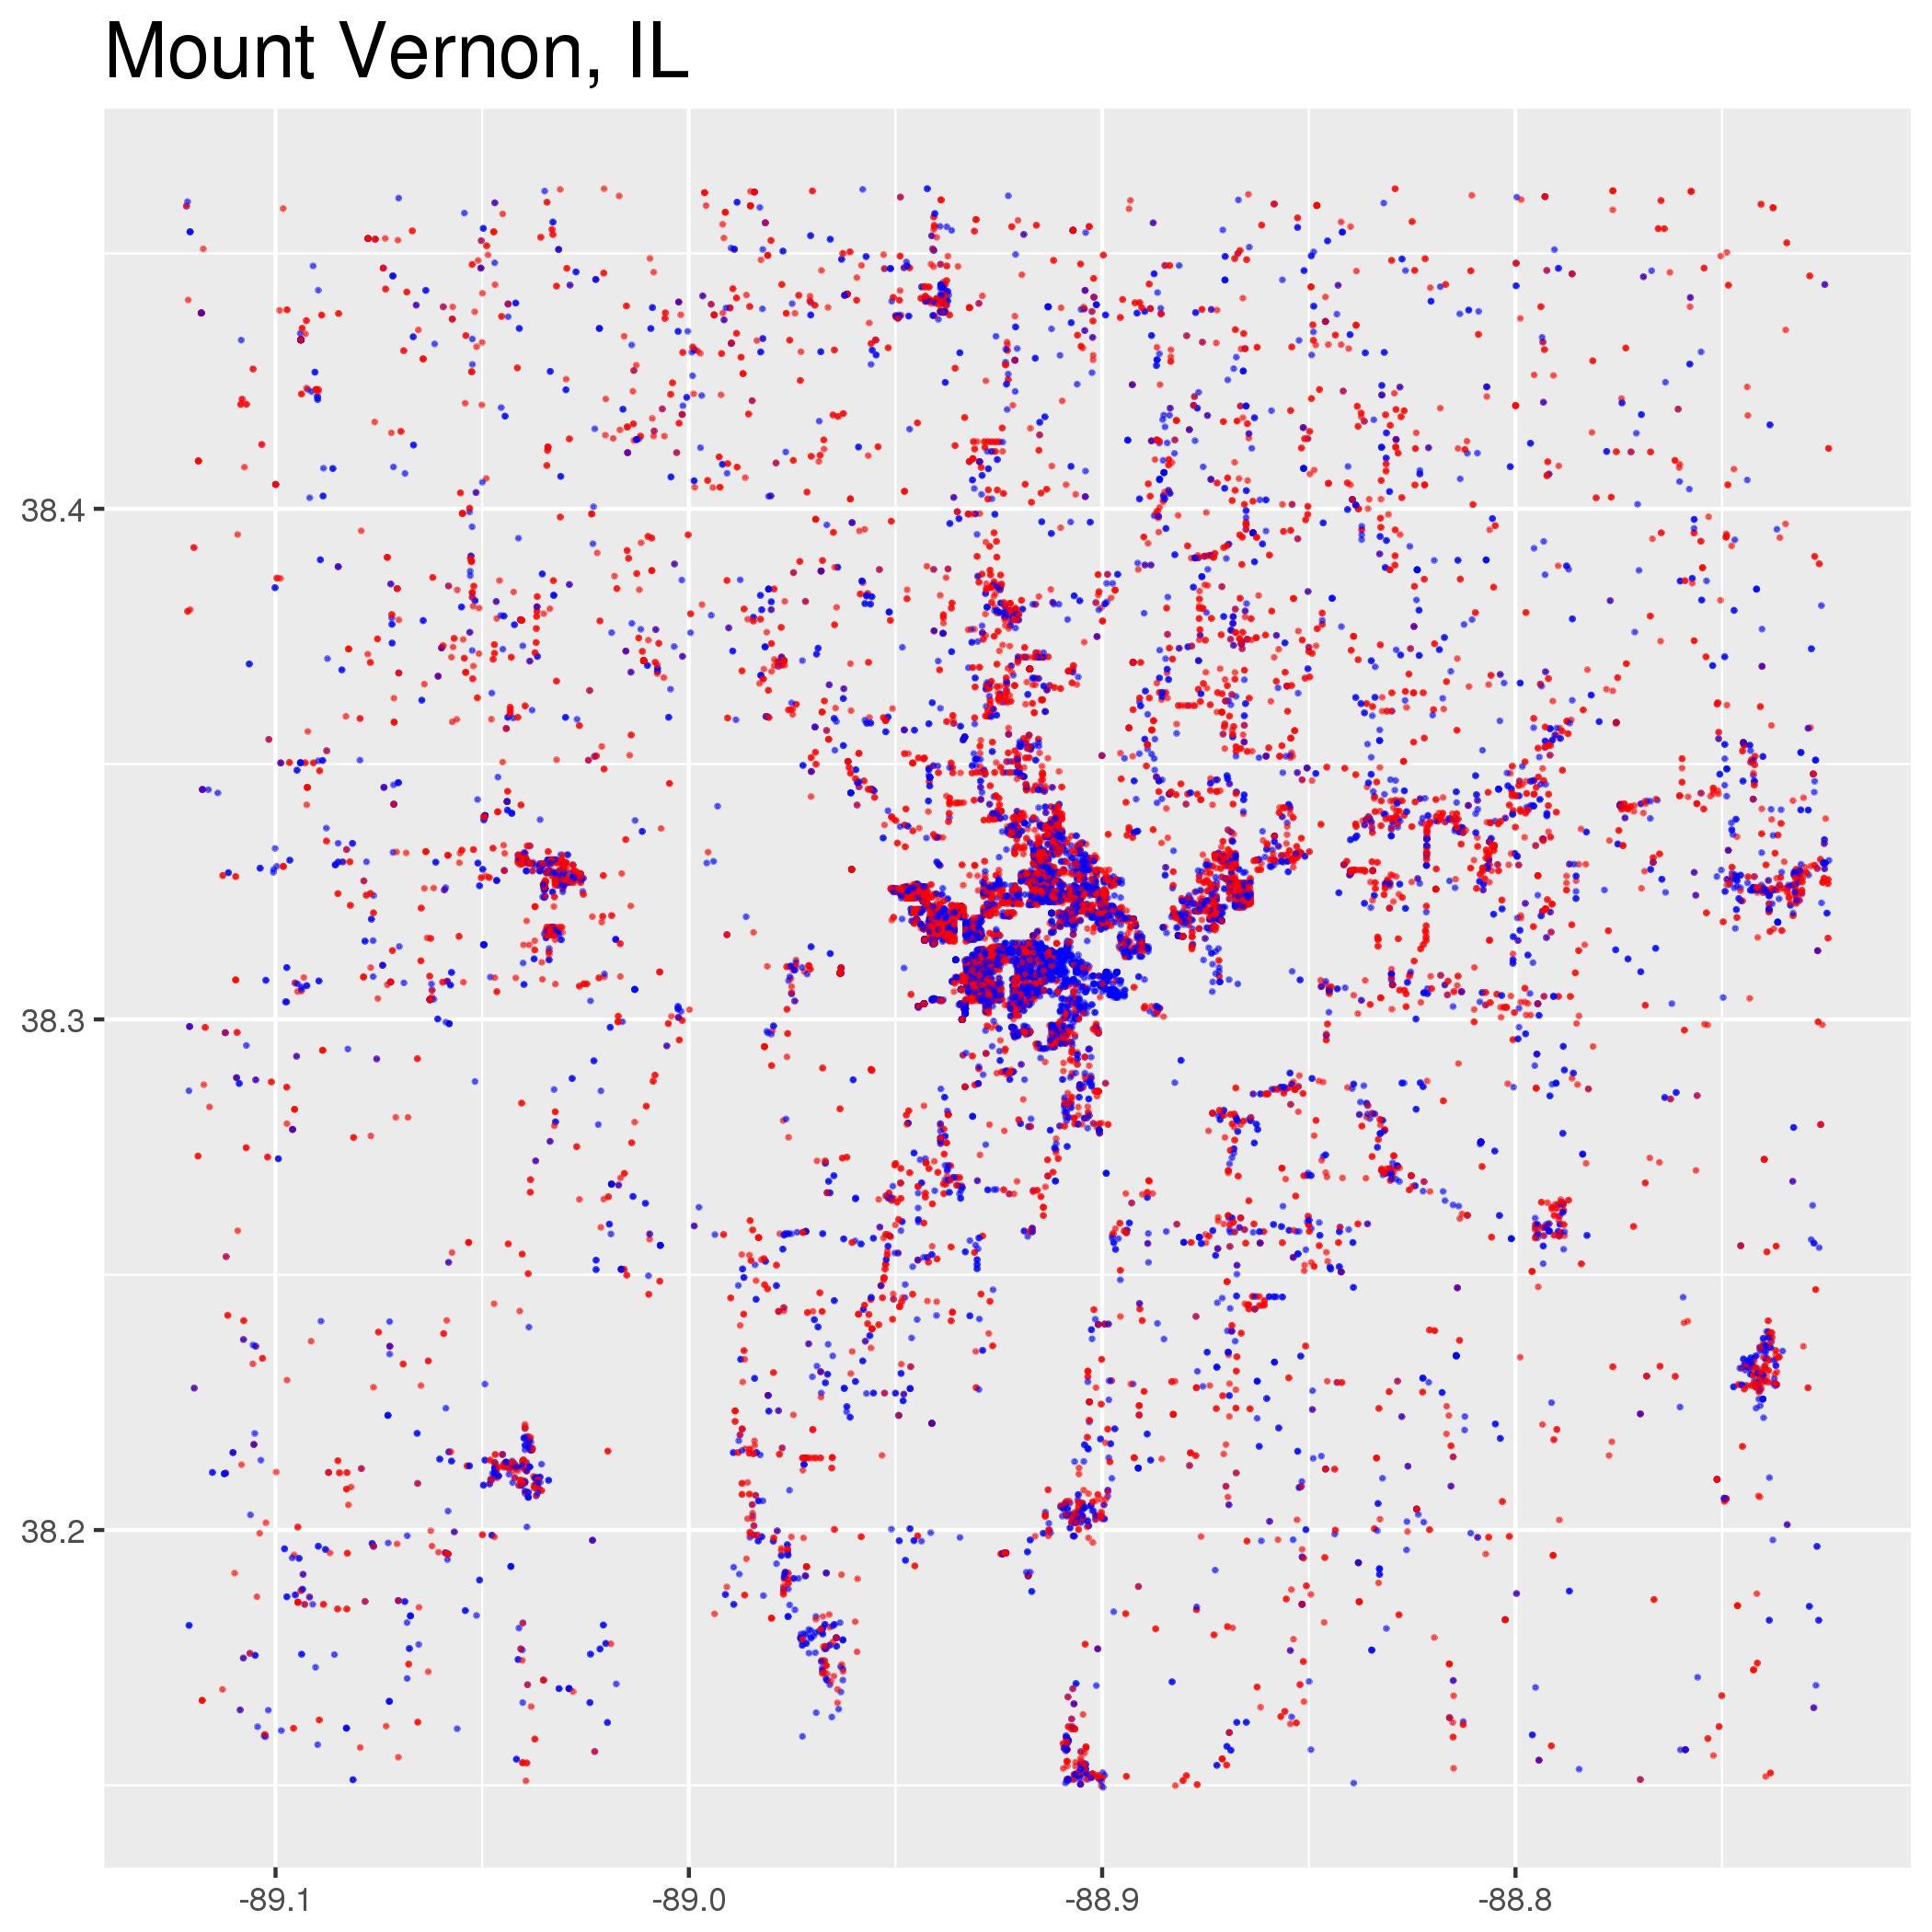 MountVernonIL.jpeg